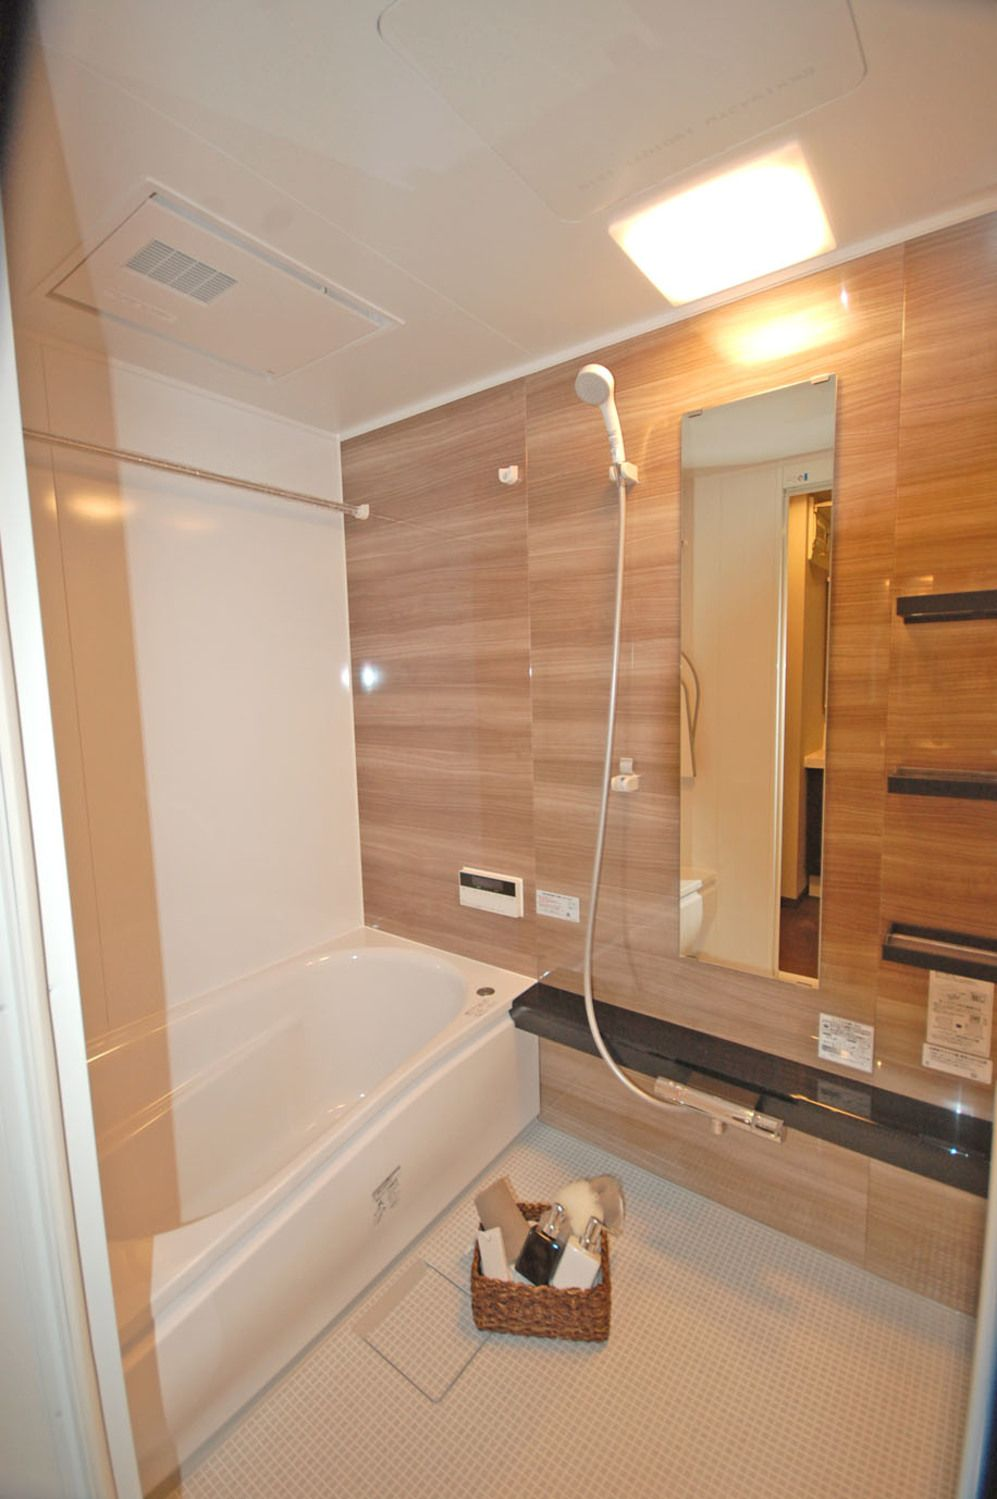 アジアンモダンなデザインリフォーム 埼玉でリフォーム リノベーション ユニットバス 浴室 インテリア 浴室リフォーム